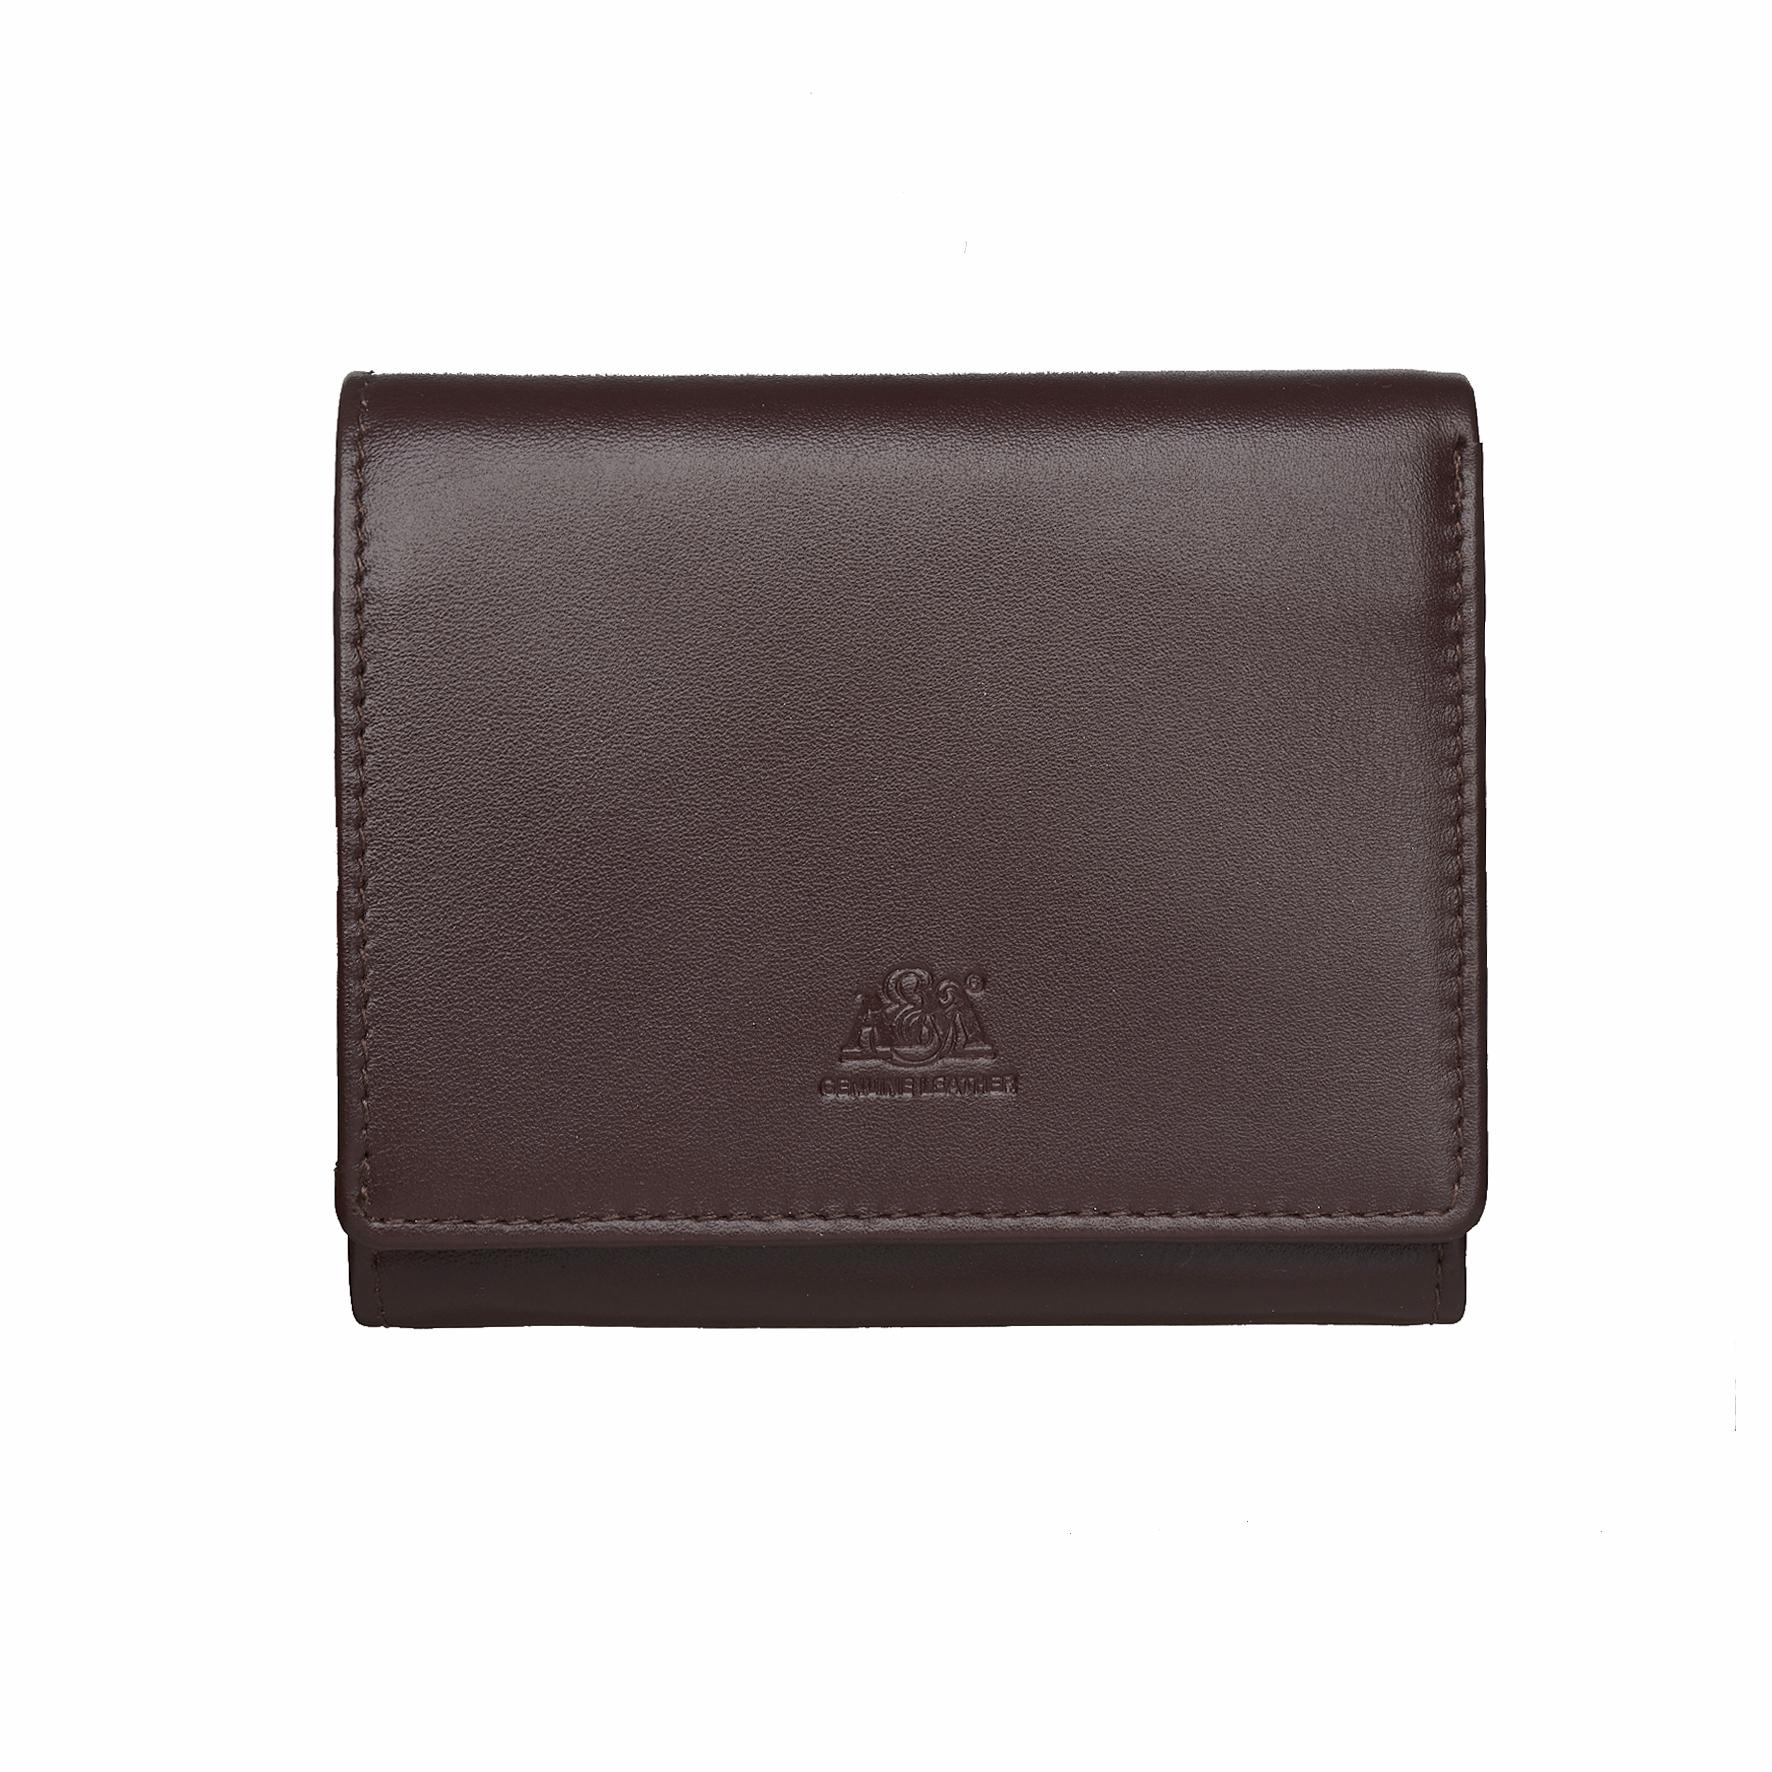 Портмоне A&M женское, 2653L.Brown, коричневый, коричневый